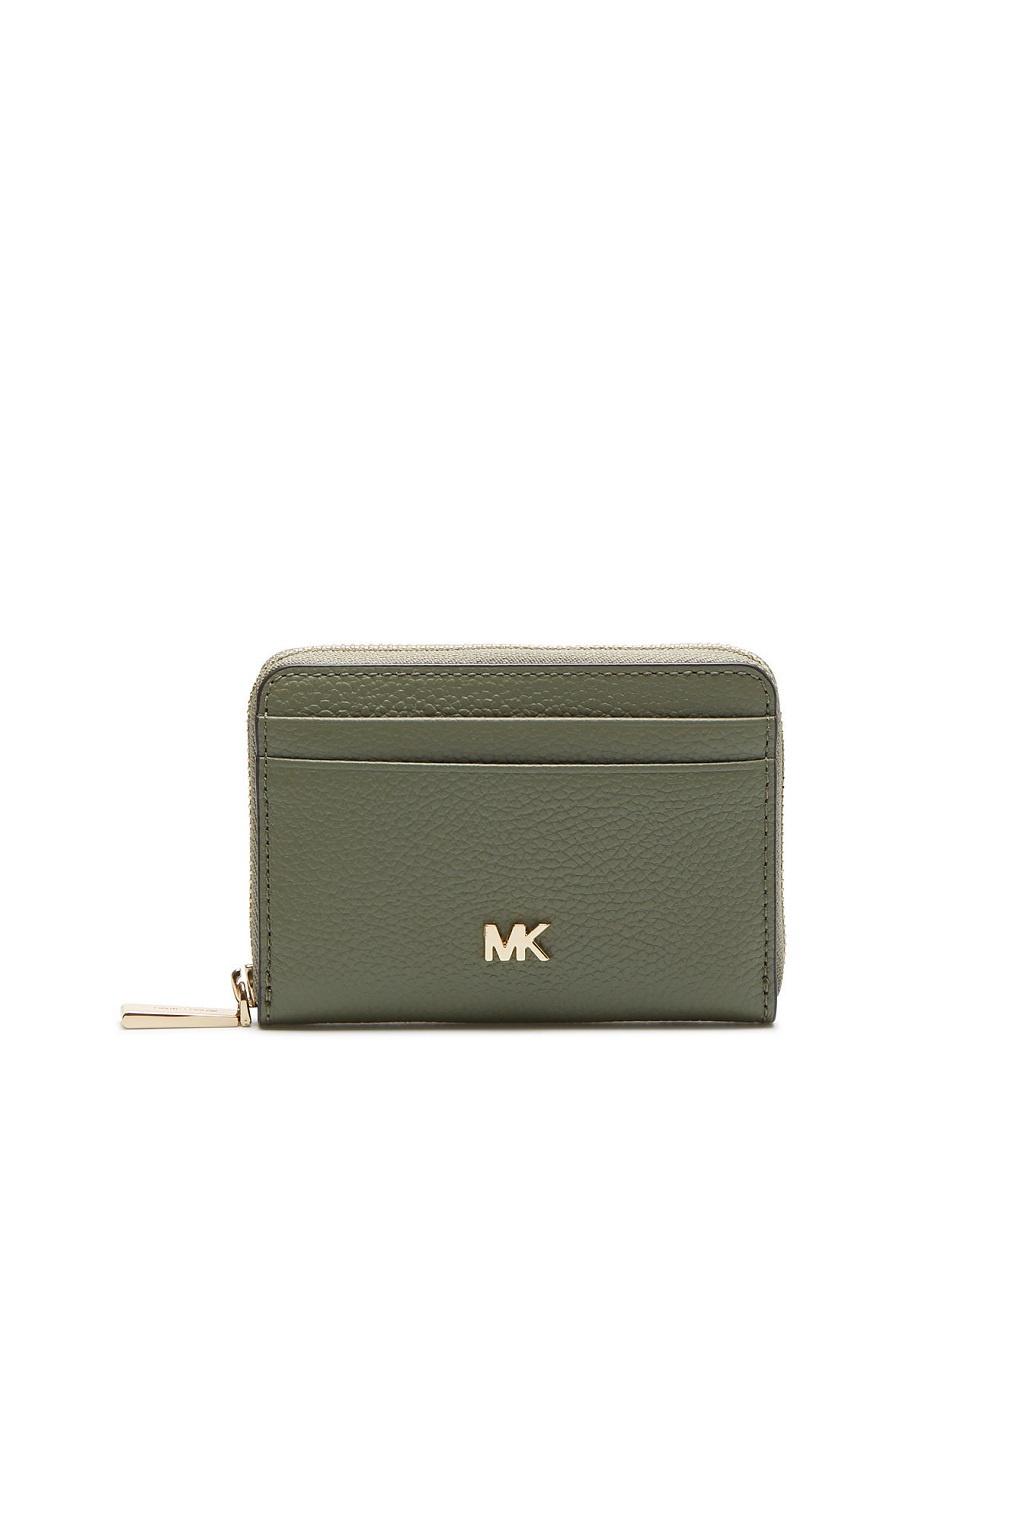 34F9GF6Z1L Army Green Peněženka Michael Kors Mott Coin Card Case Leather zelená